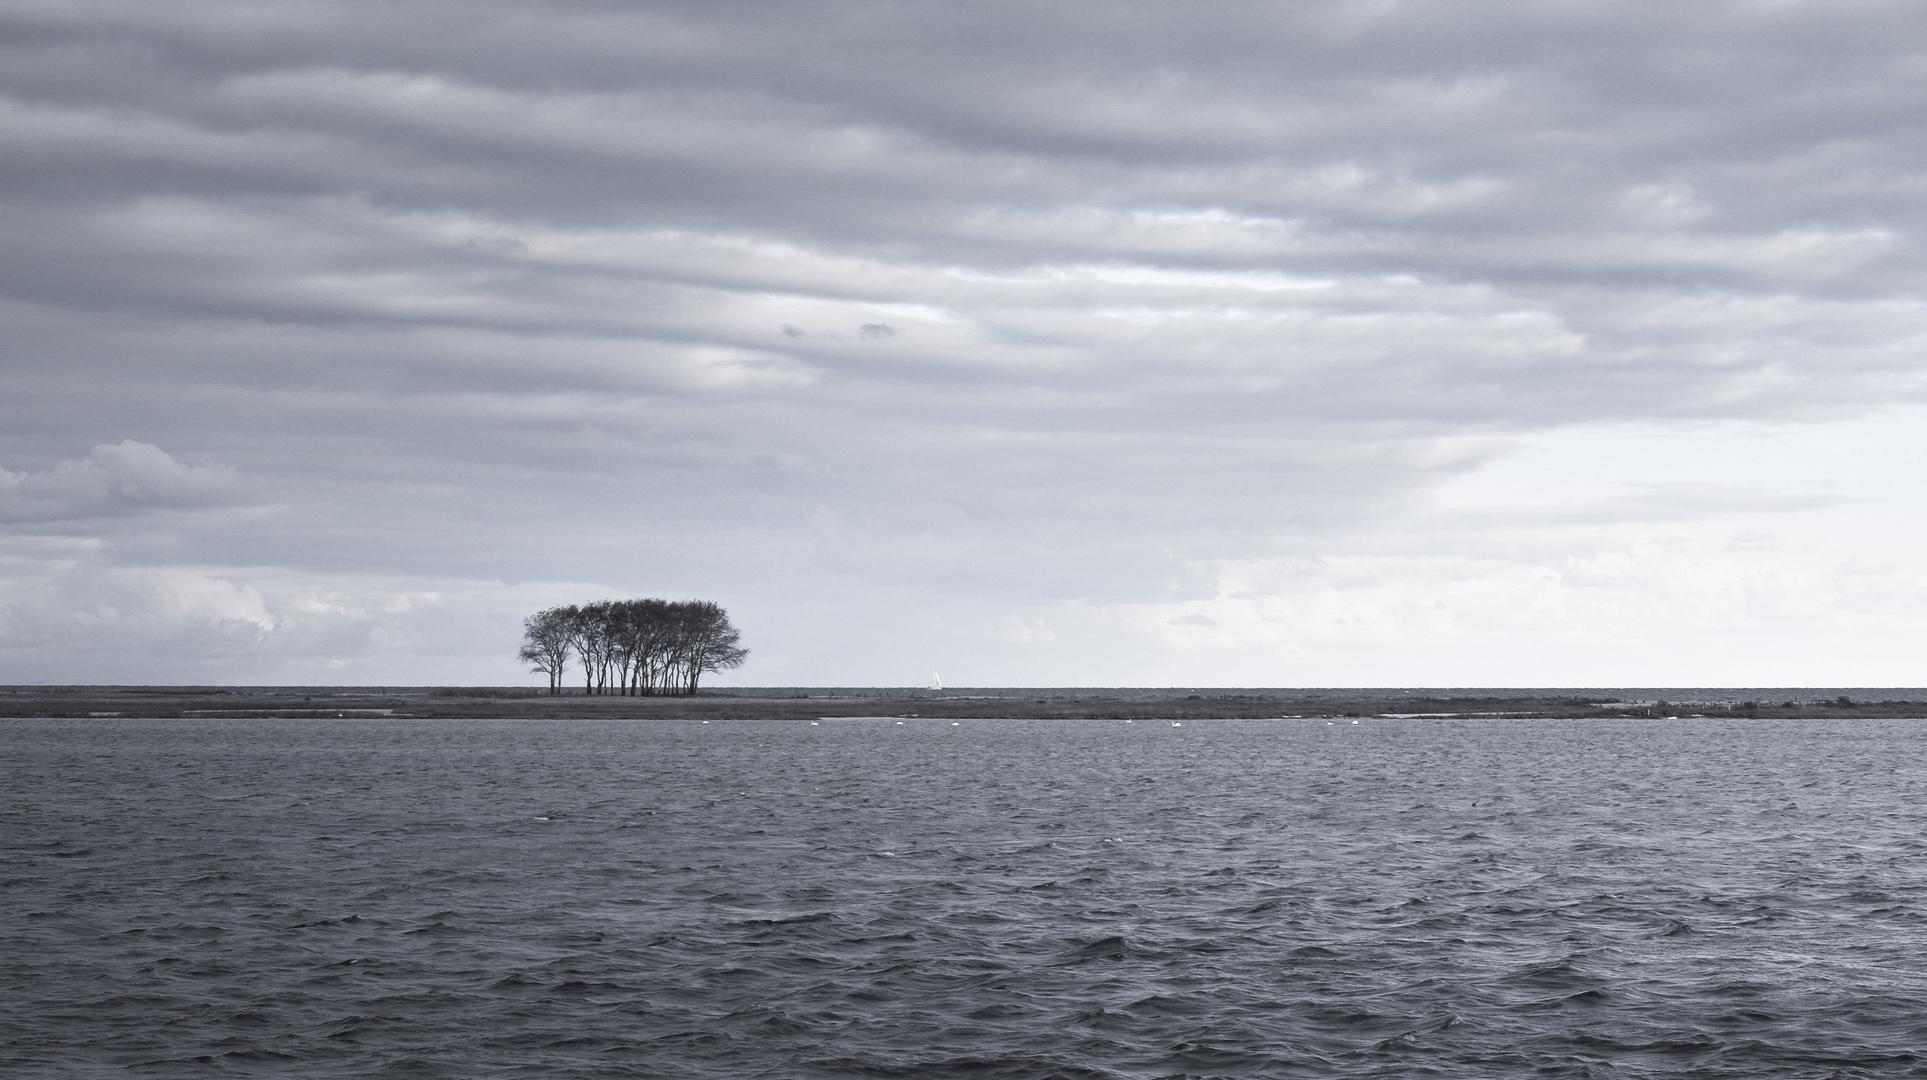 am Meer  |  zwischen Himmel und Meer